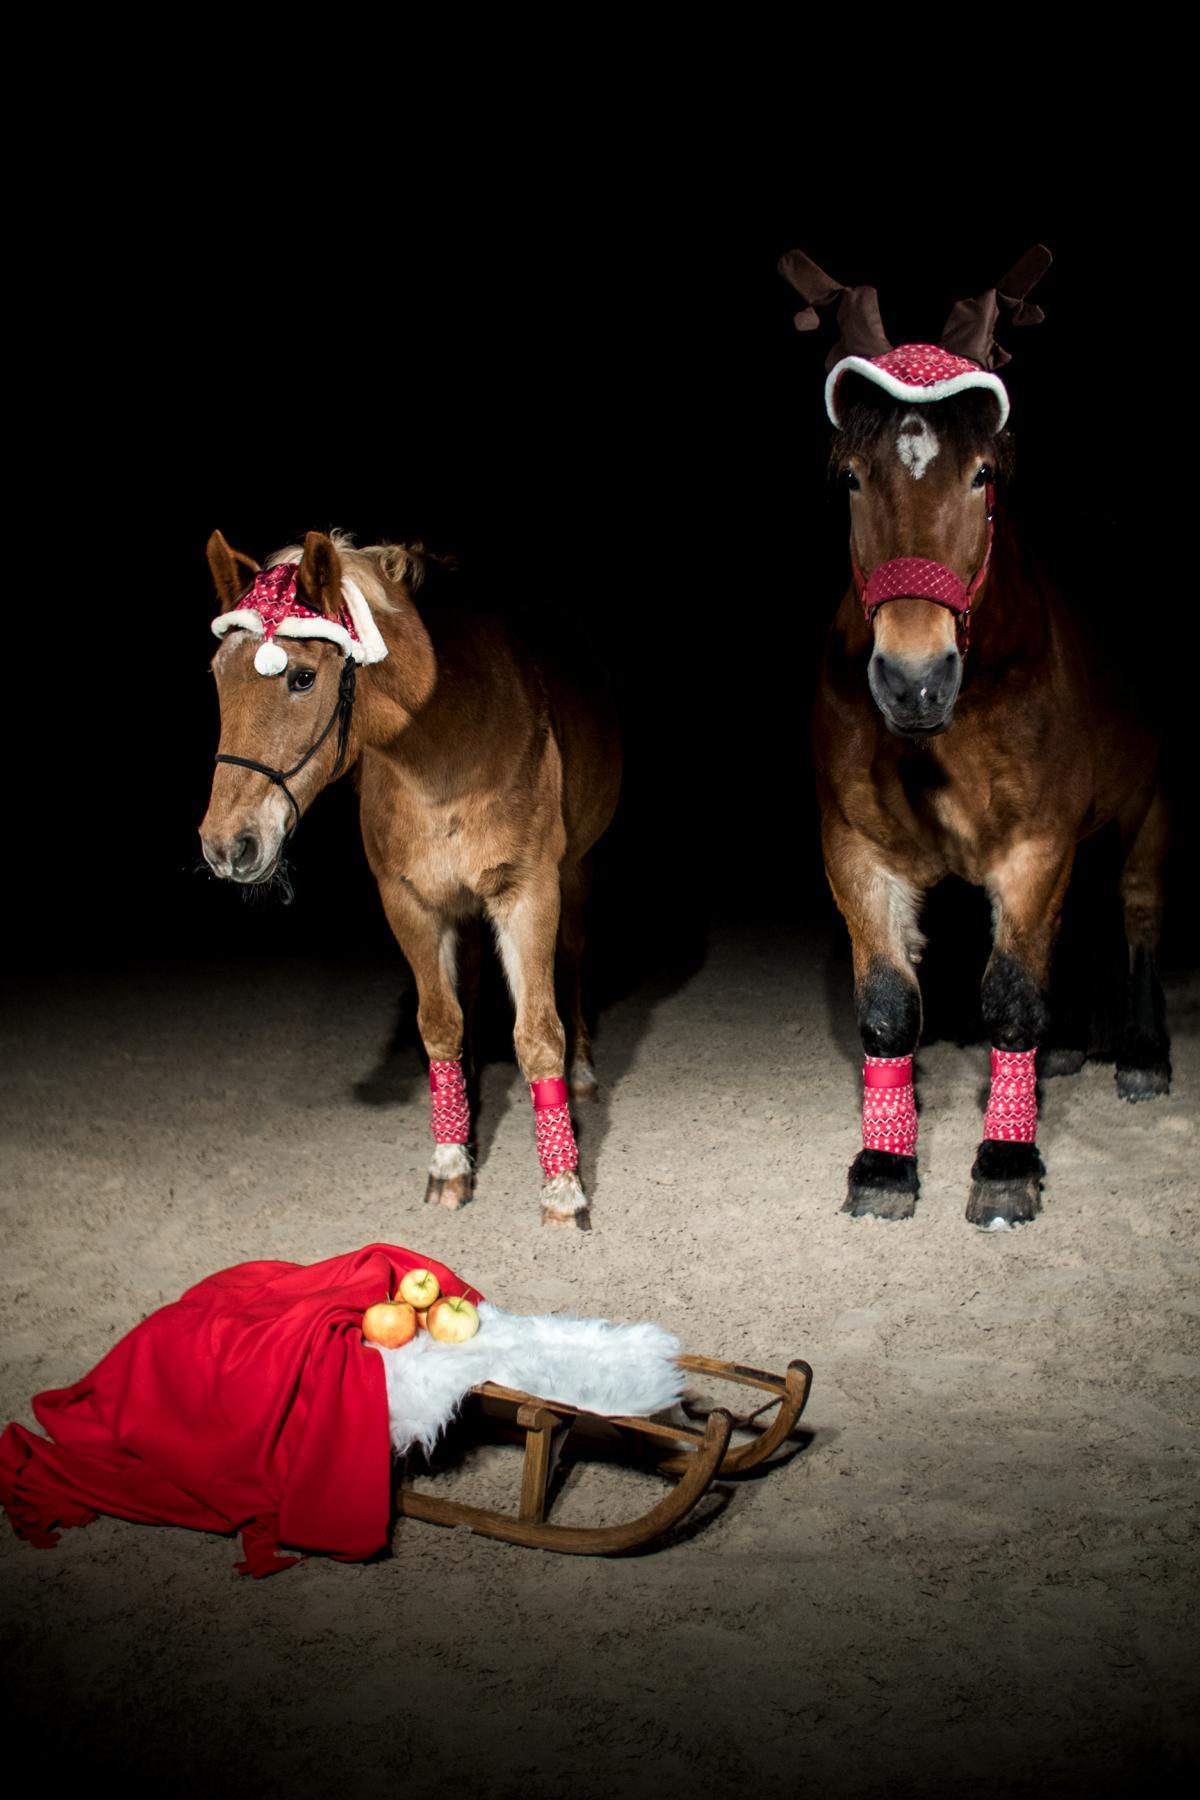 Weihnachten Dunkelshooting Haflingermix Kaltblut